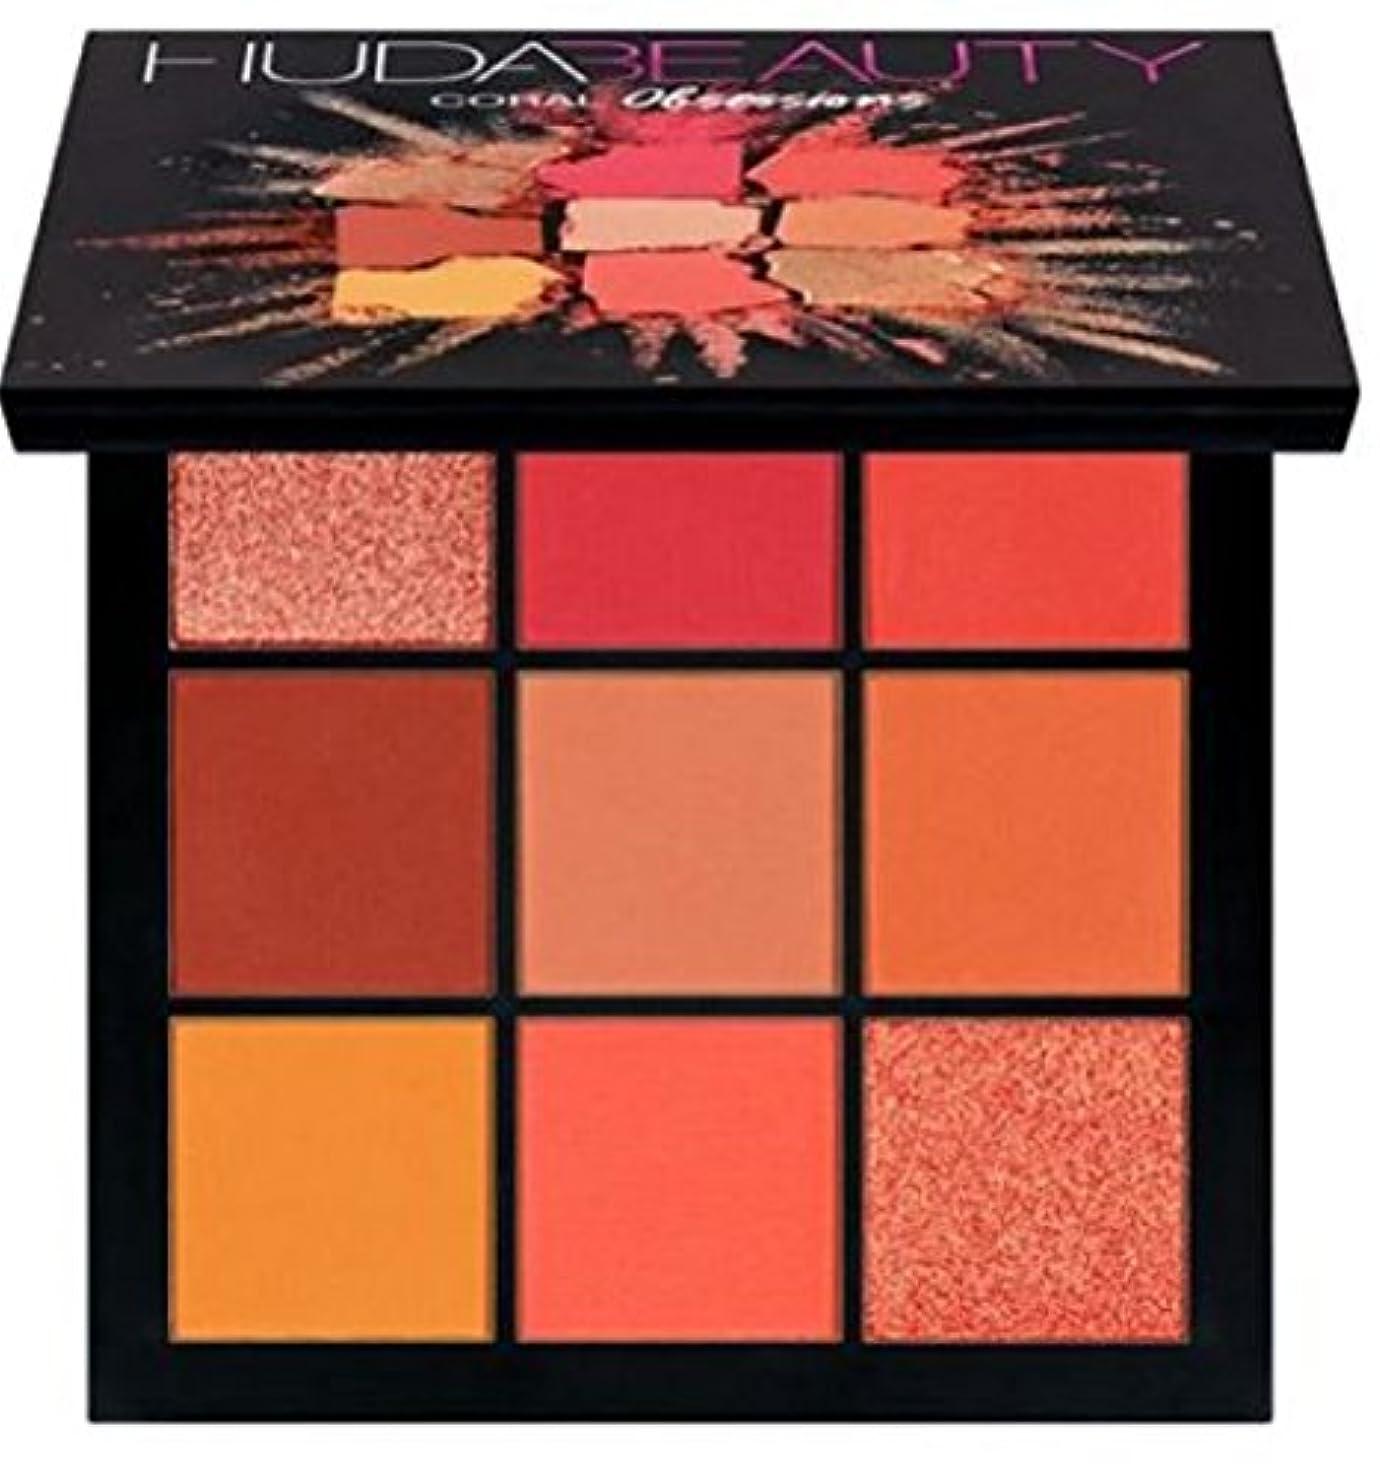 現れる怠惰ファックスExclusive NEW Huda Beauty Coral Obsessions Eyeshadow Palette